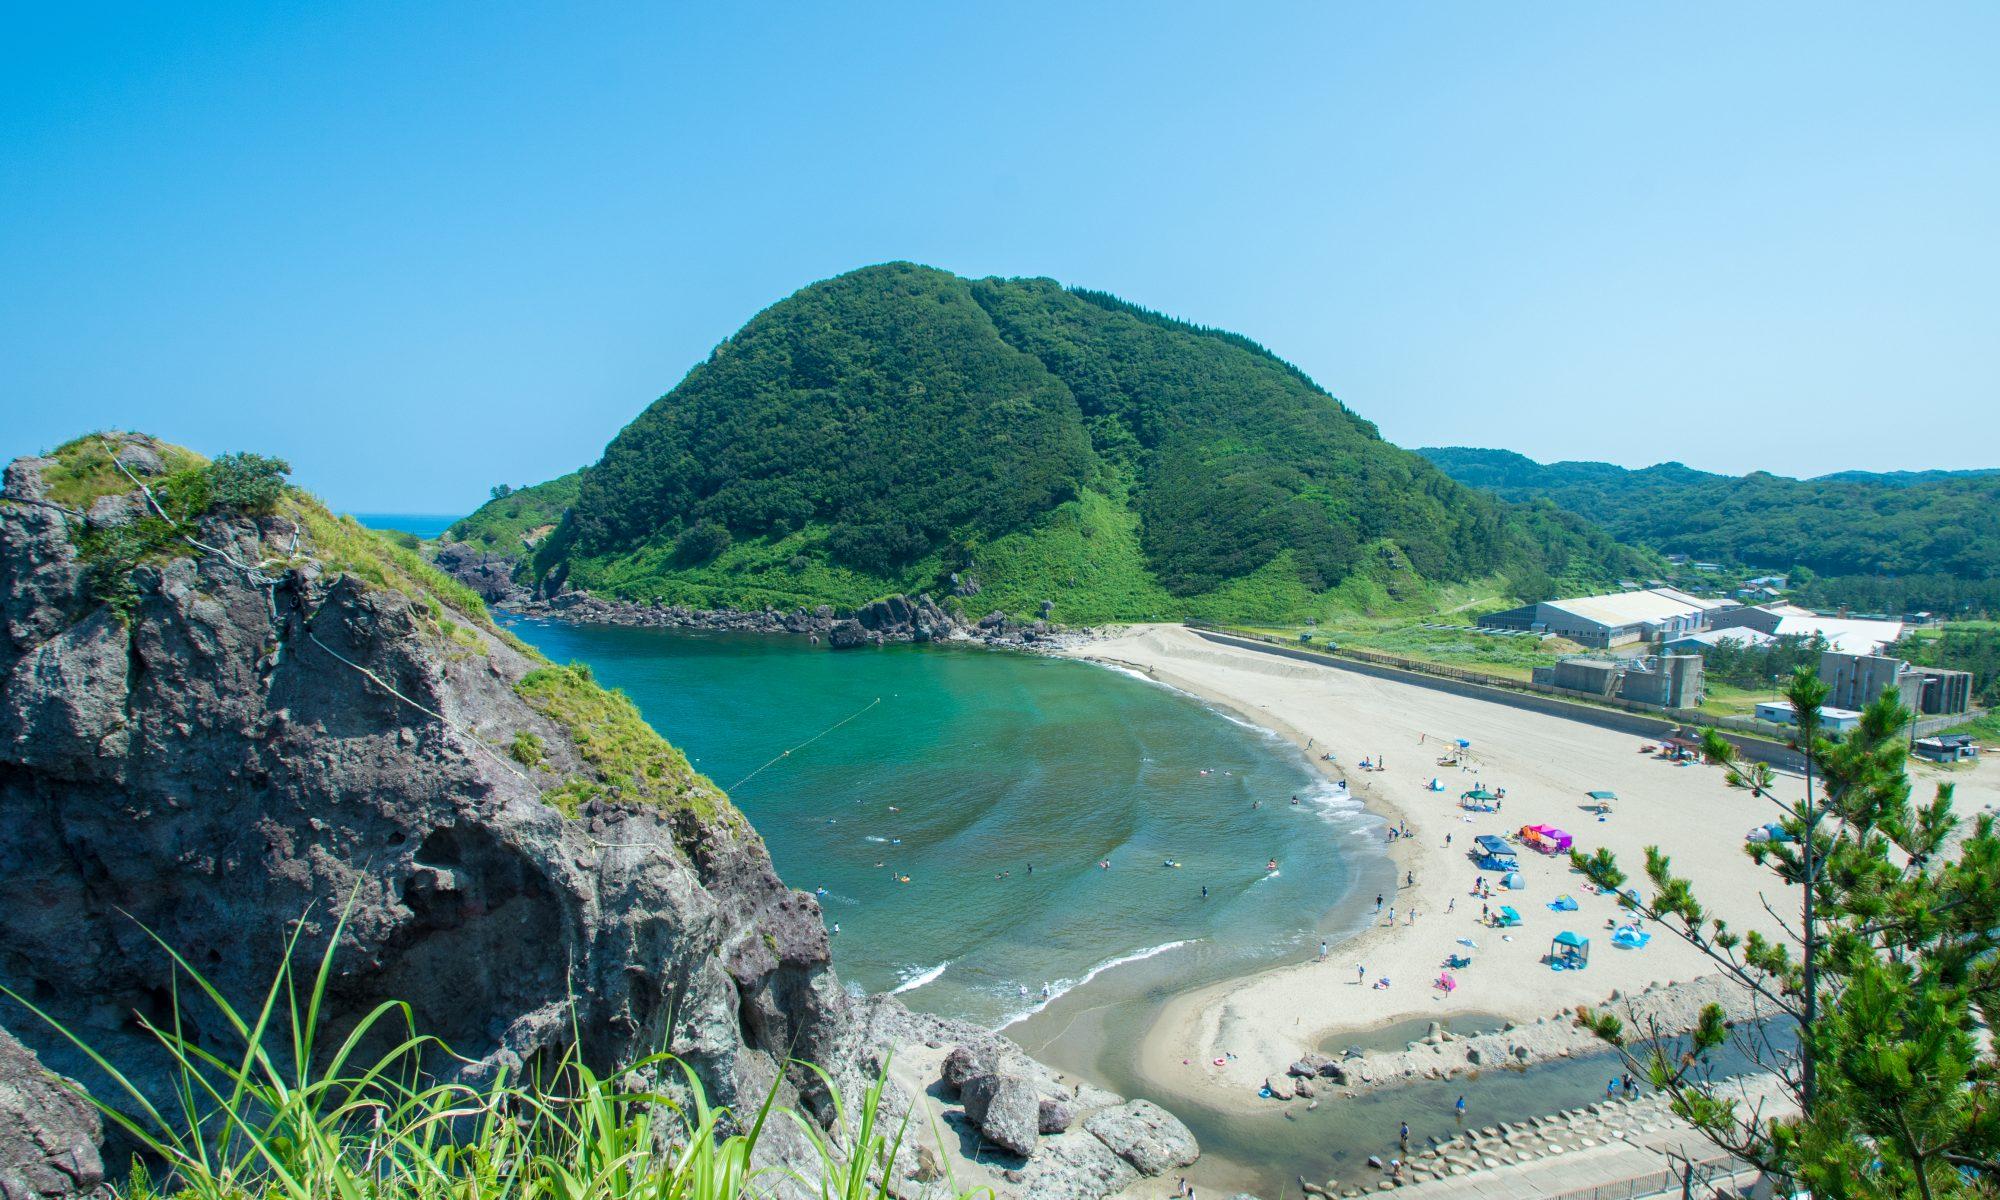 三瀬海岸 / Sanze Coast